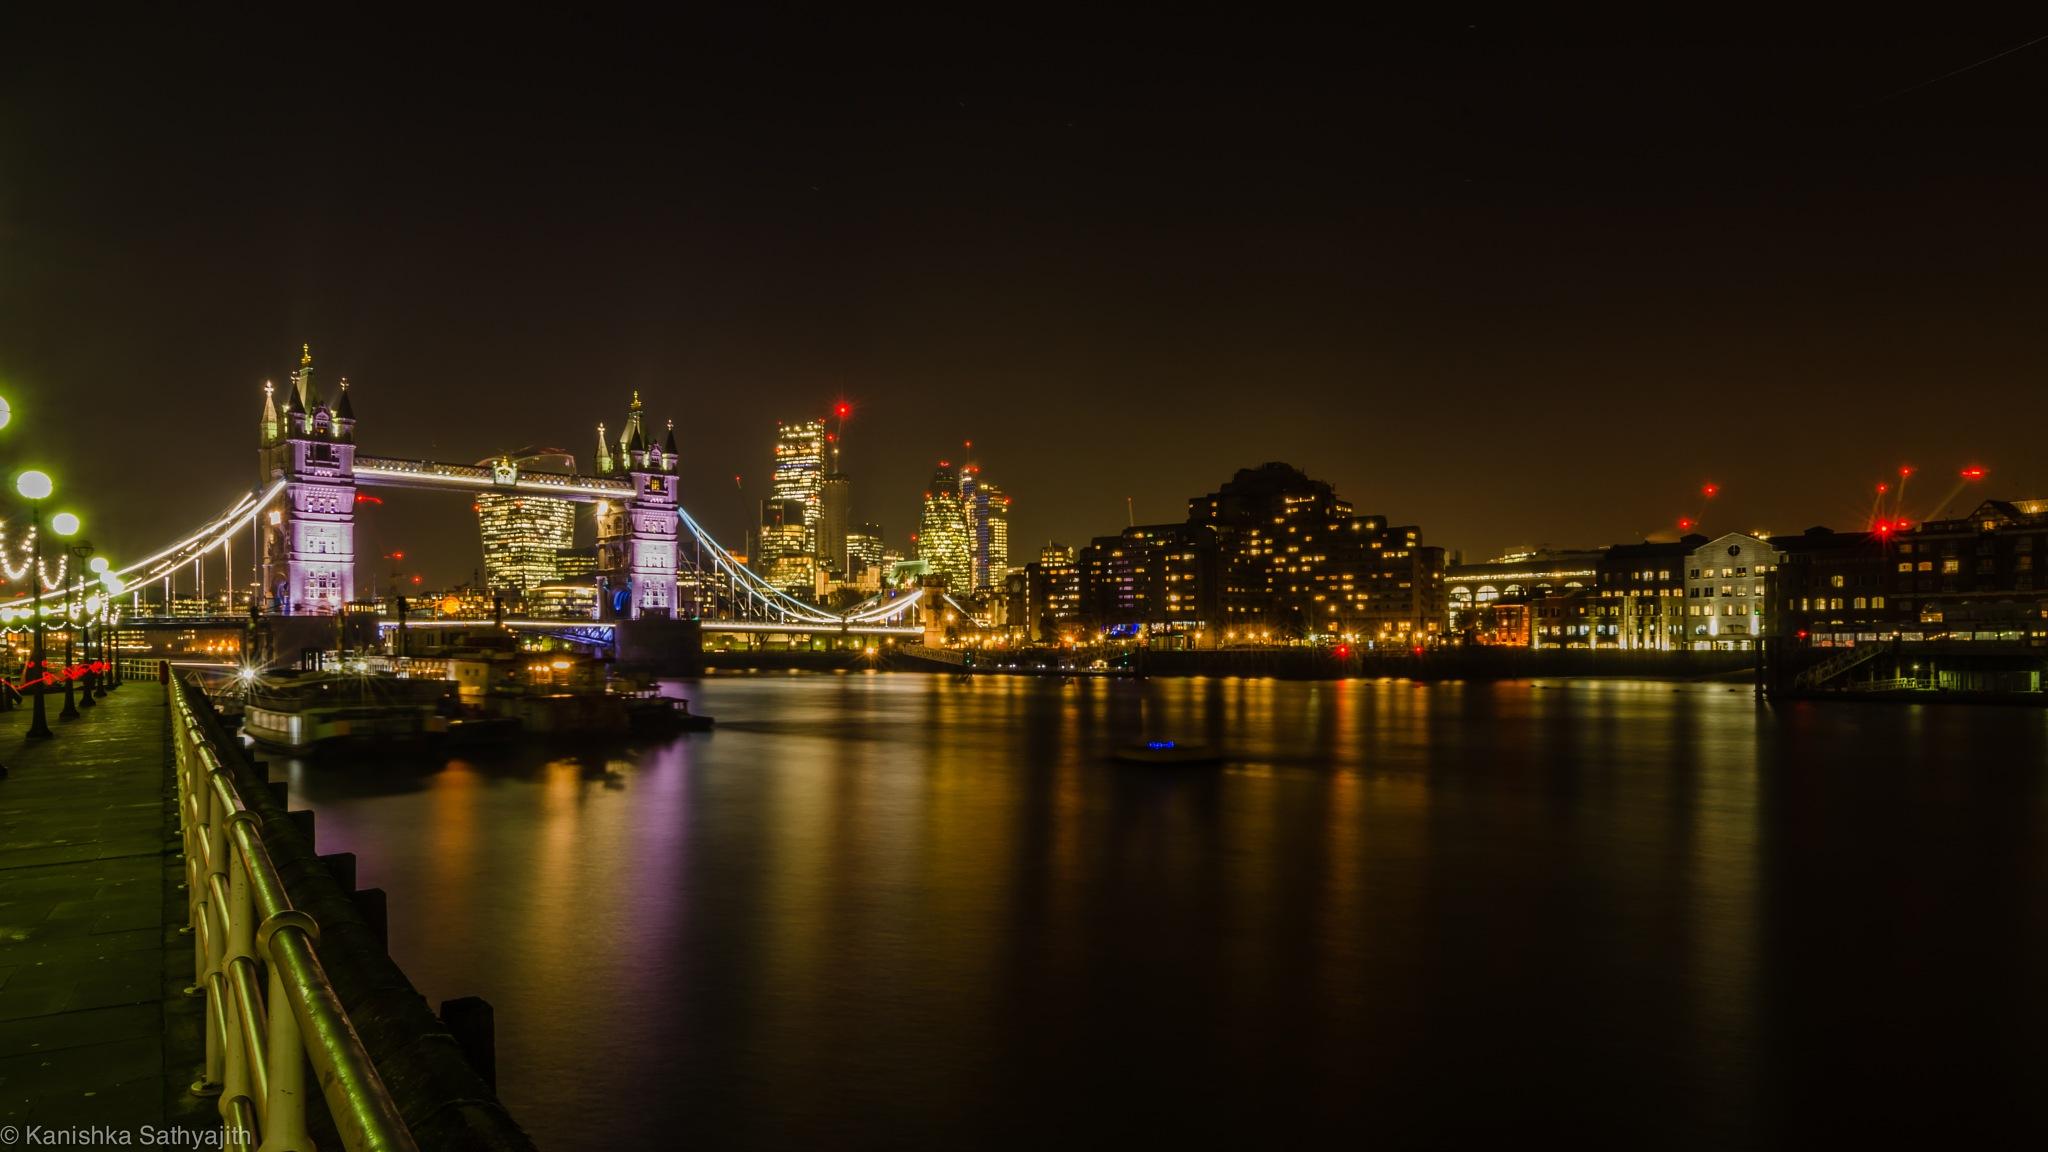 City of London  by Kanishka Sathyajith